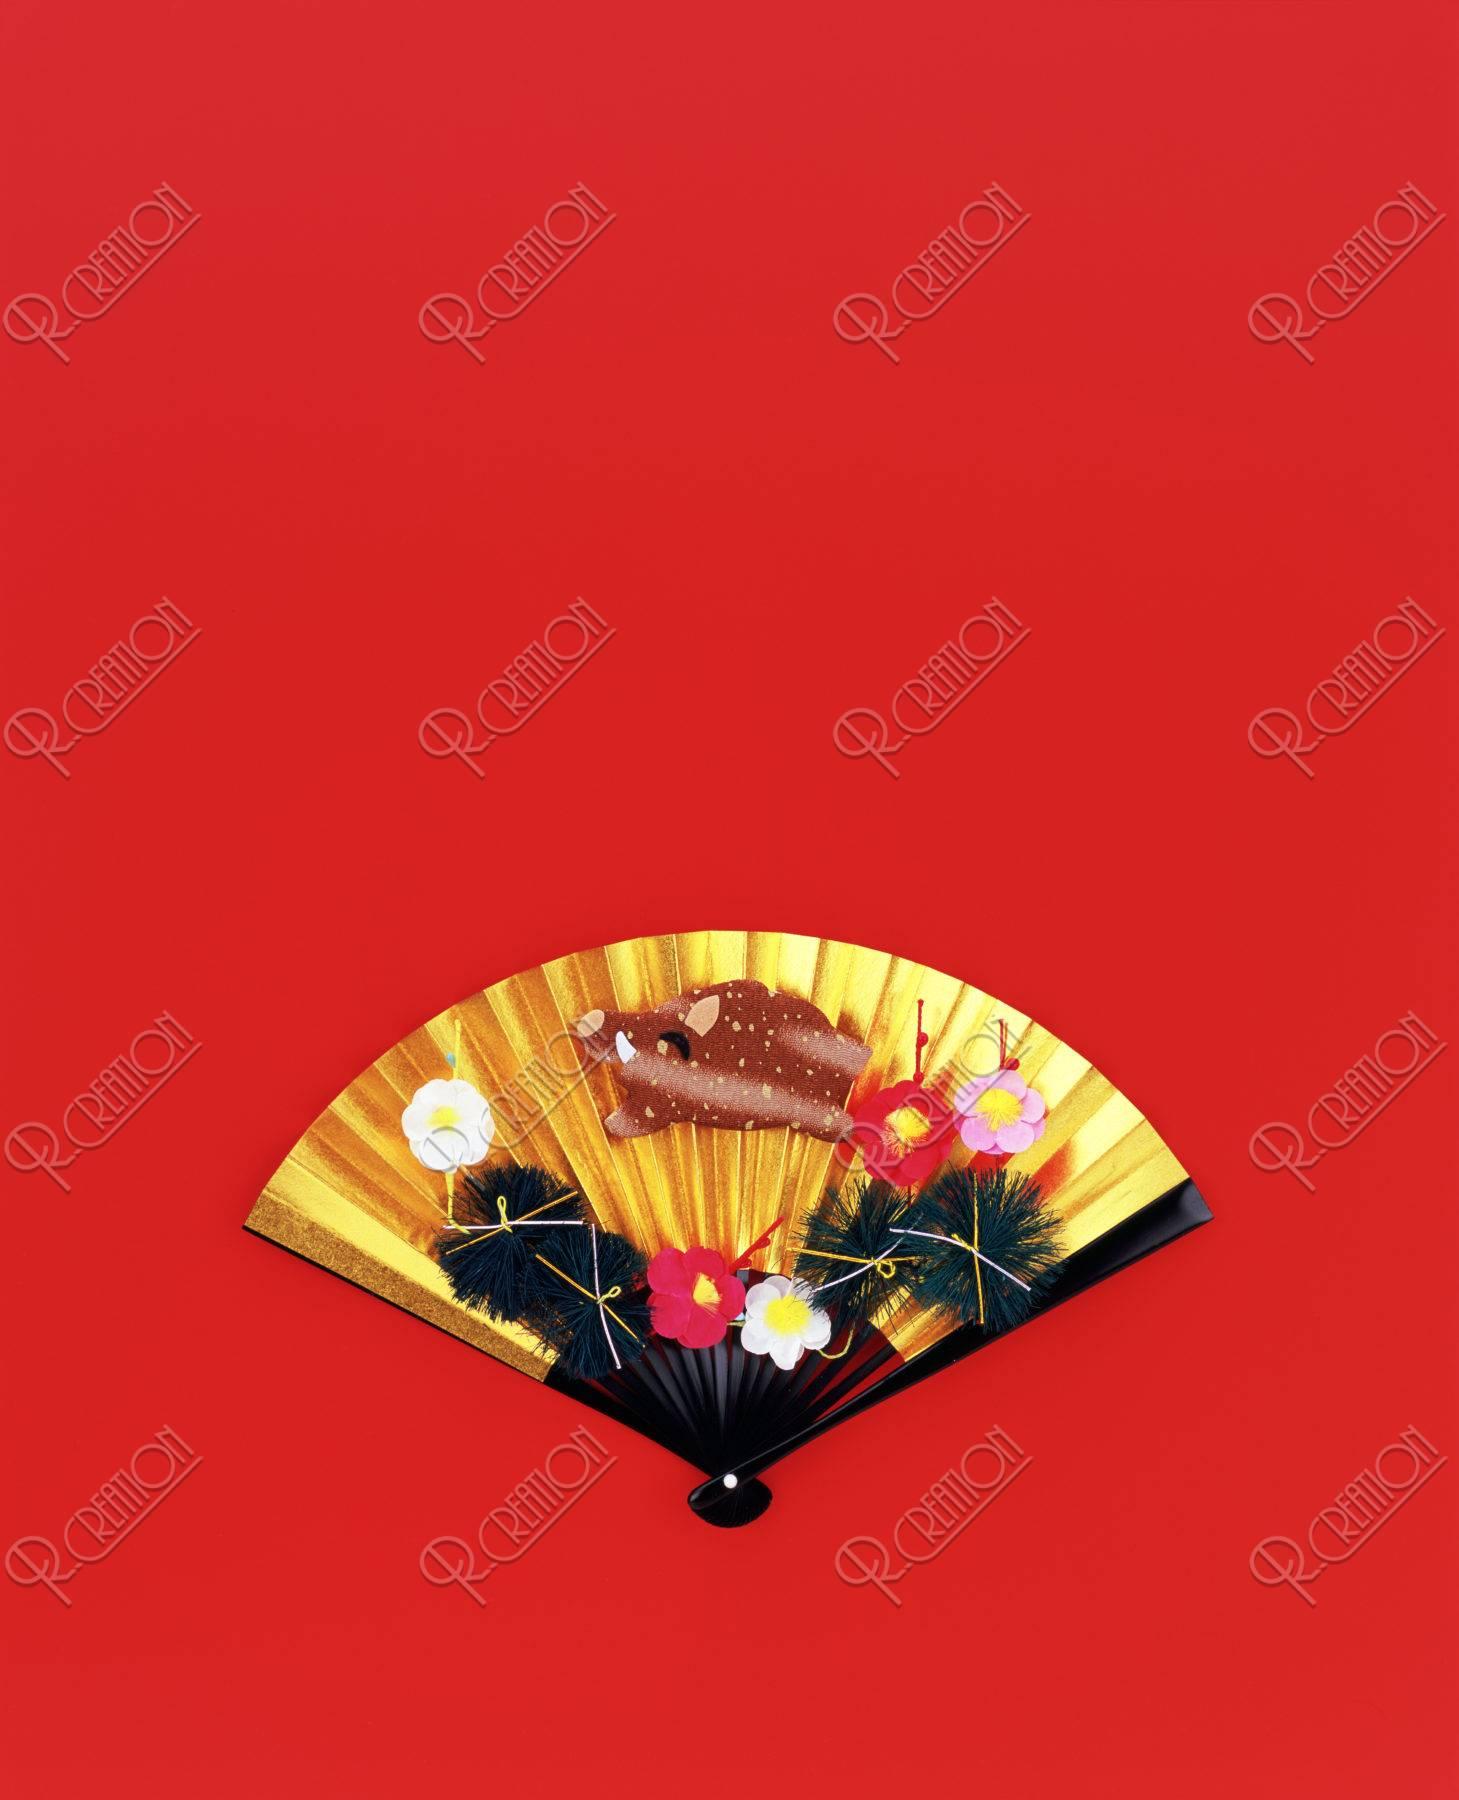 金の扇子とイノシシ